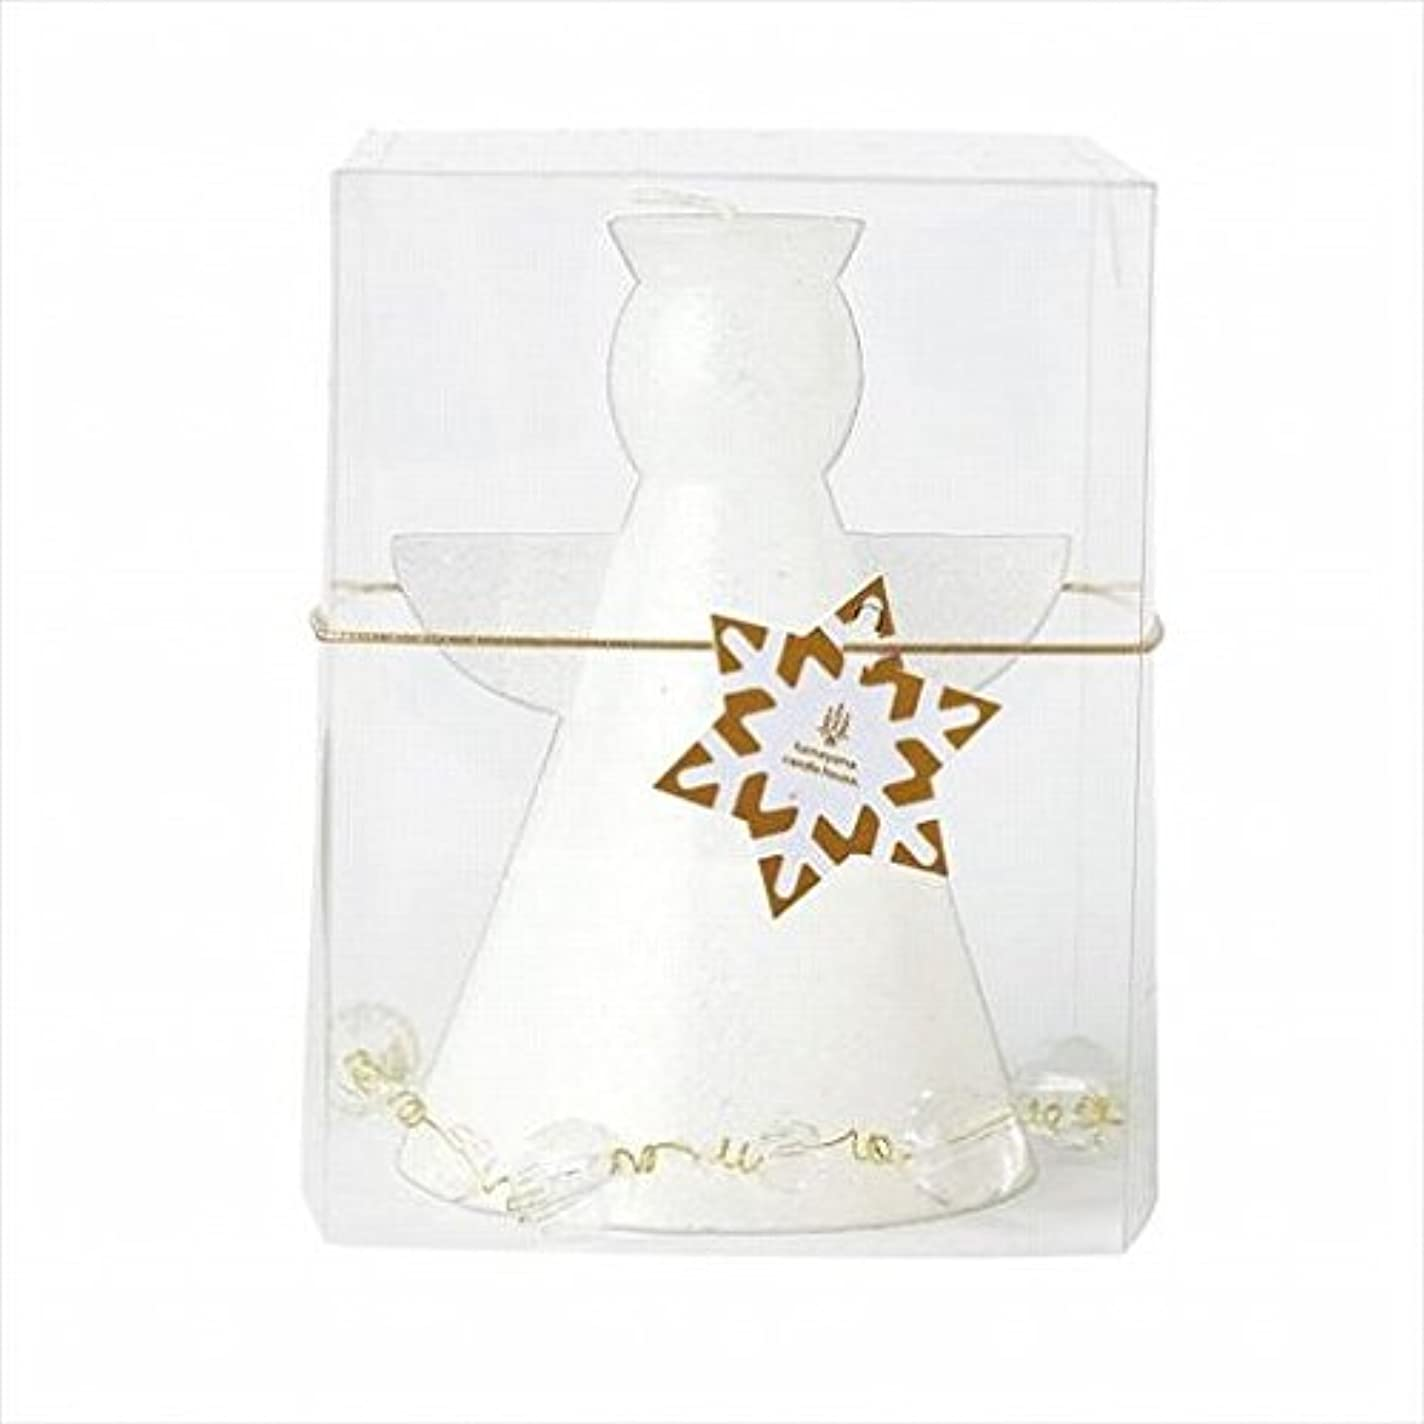 デザート盗難アシスタントkameyama candle(カメヤマキャンドル) クリスタルアンジェリカ 「 ホワイト 」(A9580000W)